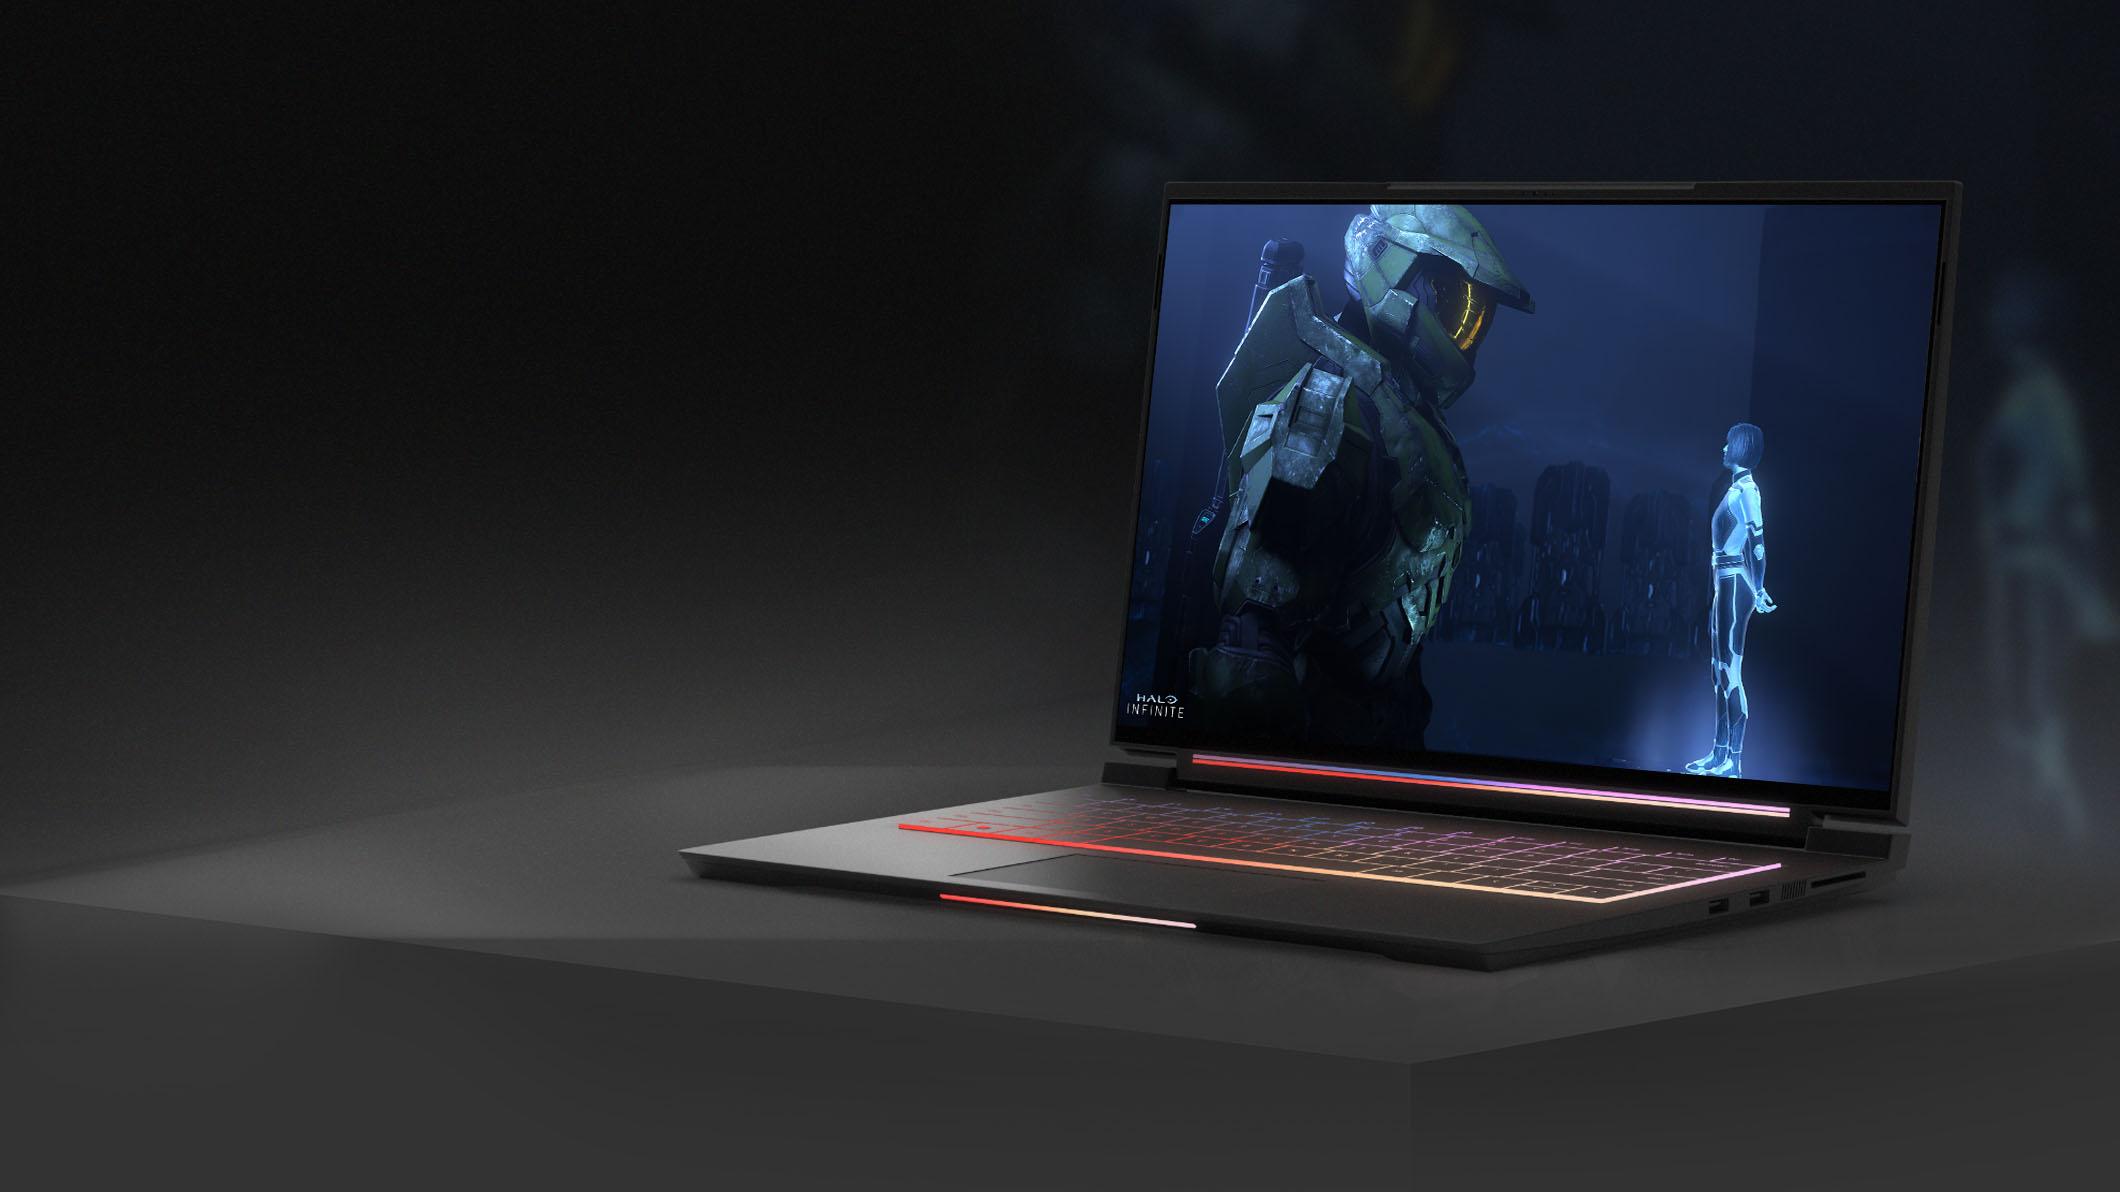 ノート PC の画面に映るビデオゲームのキャラクター